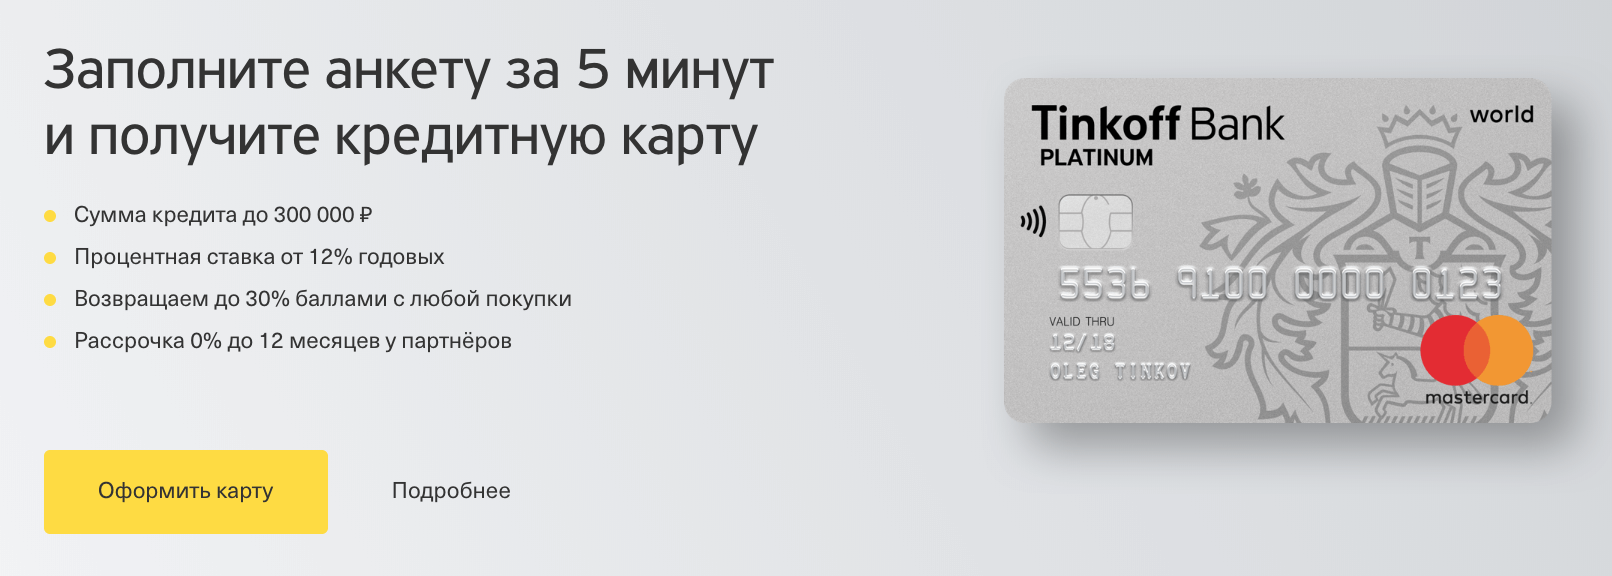 тинькофф платинум кредитная карта условия пользования 2019